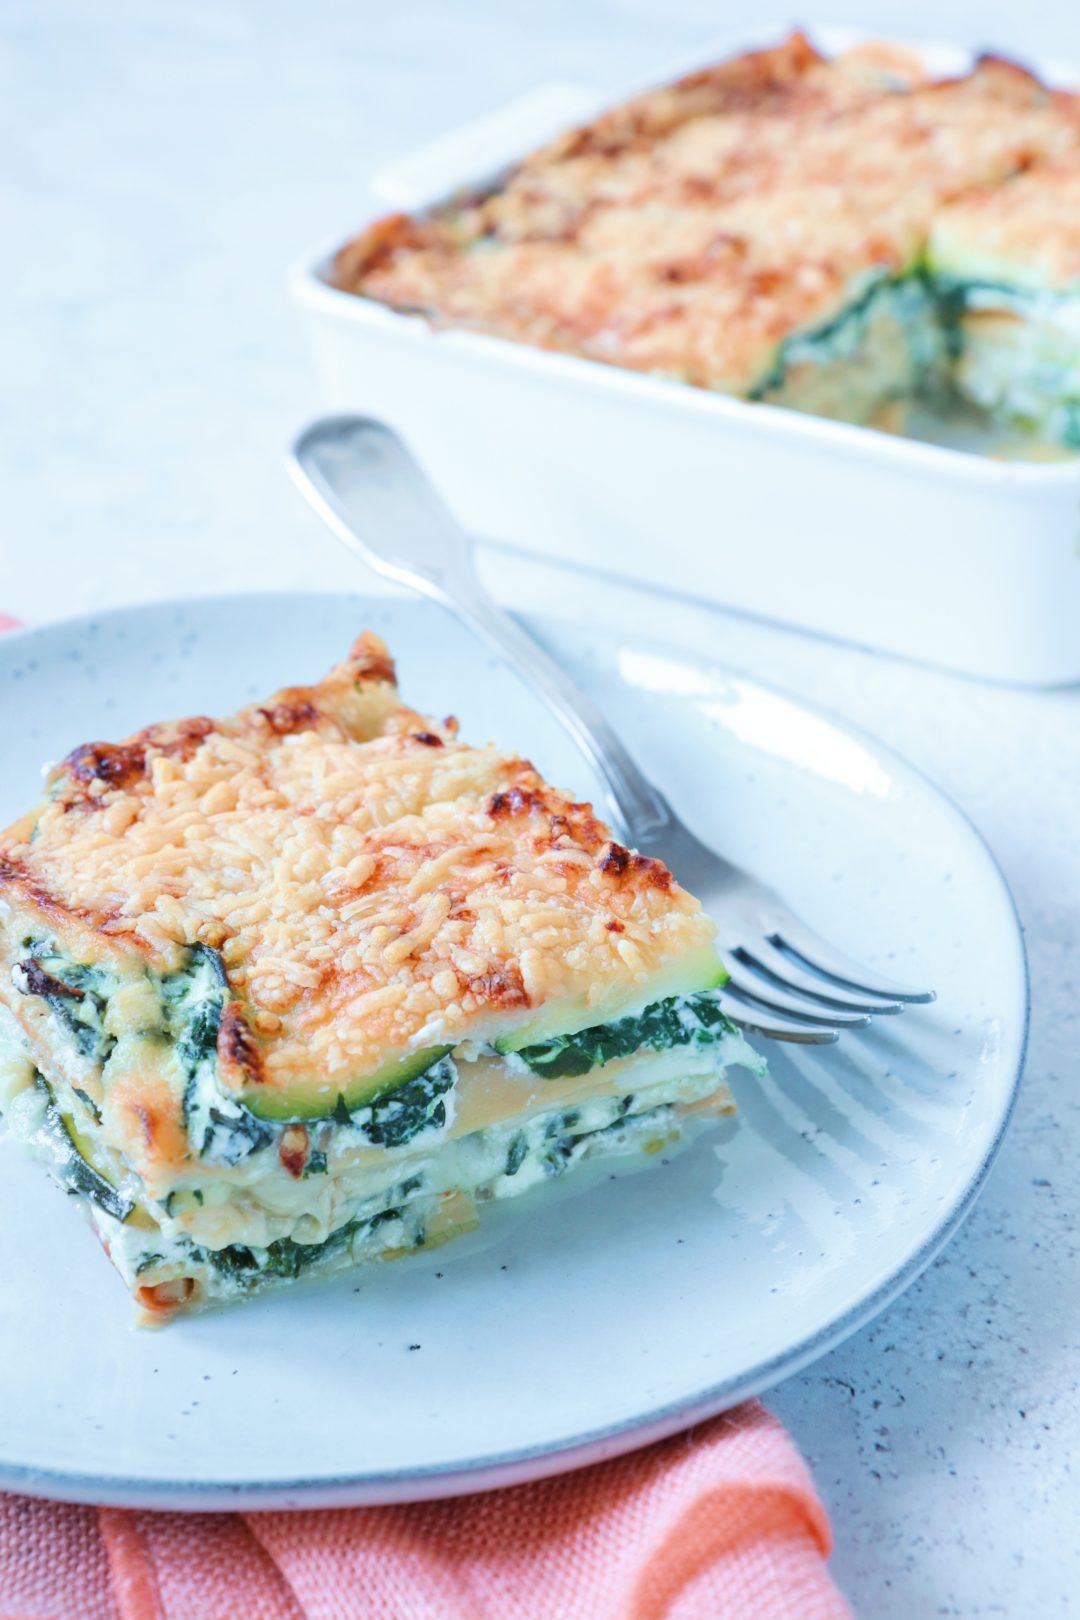 Courgette lasagne met spinazie en ricotta www.jaimyskitchen.nl